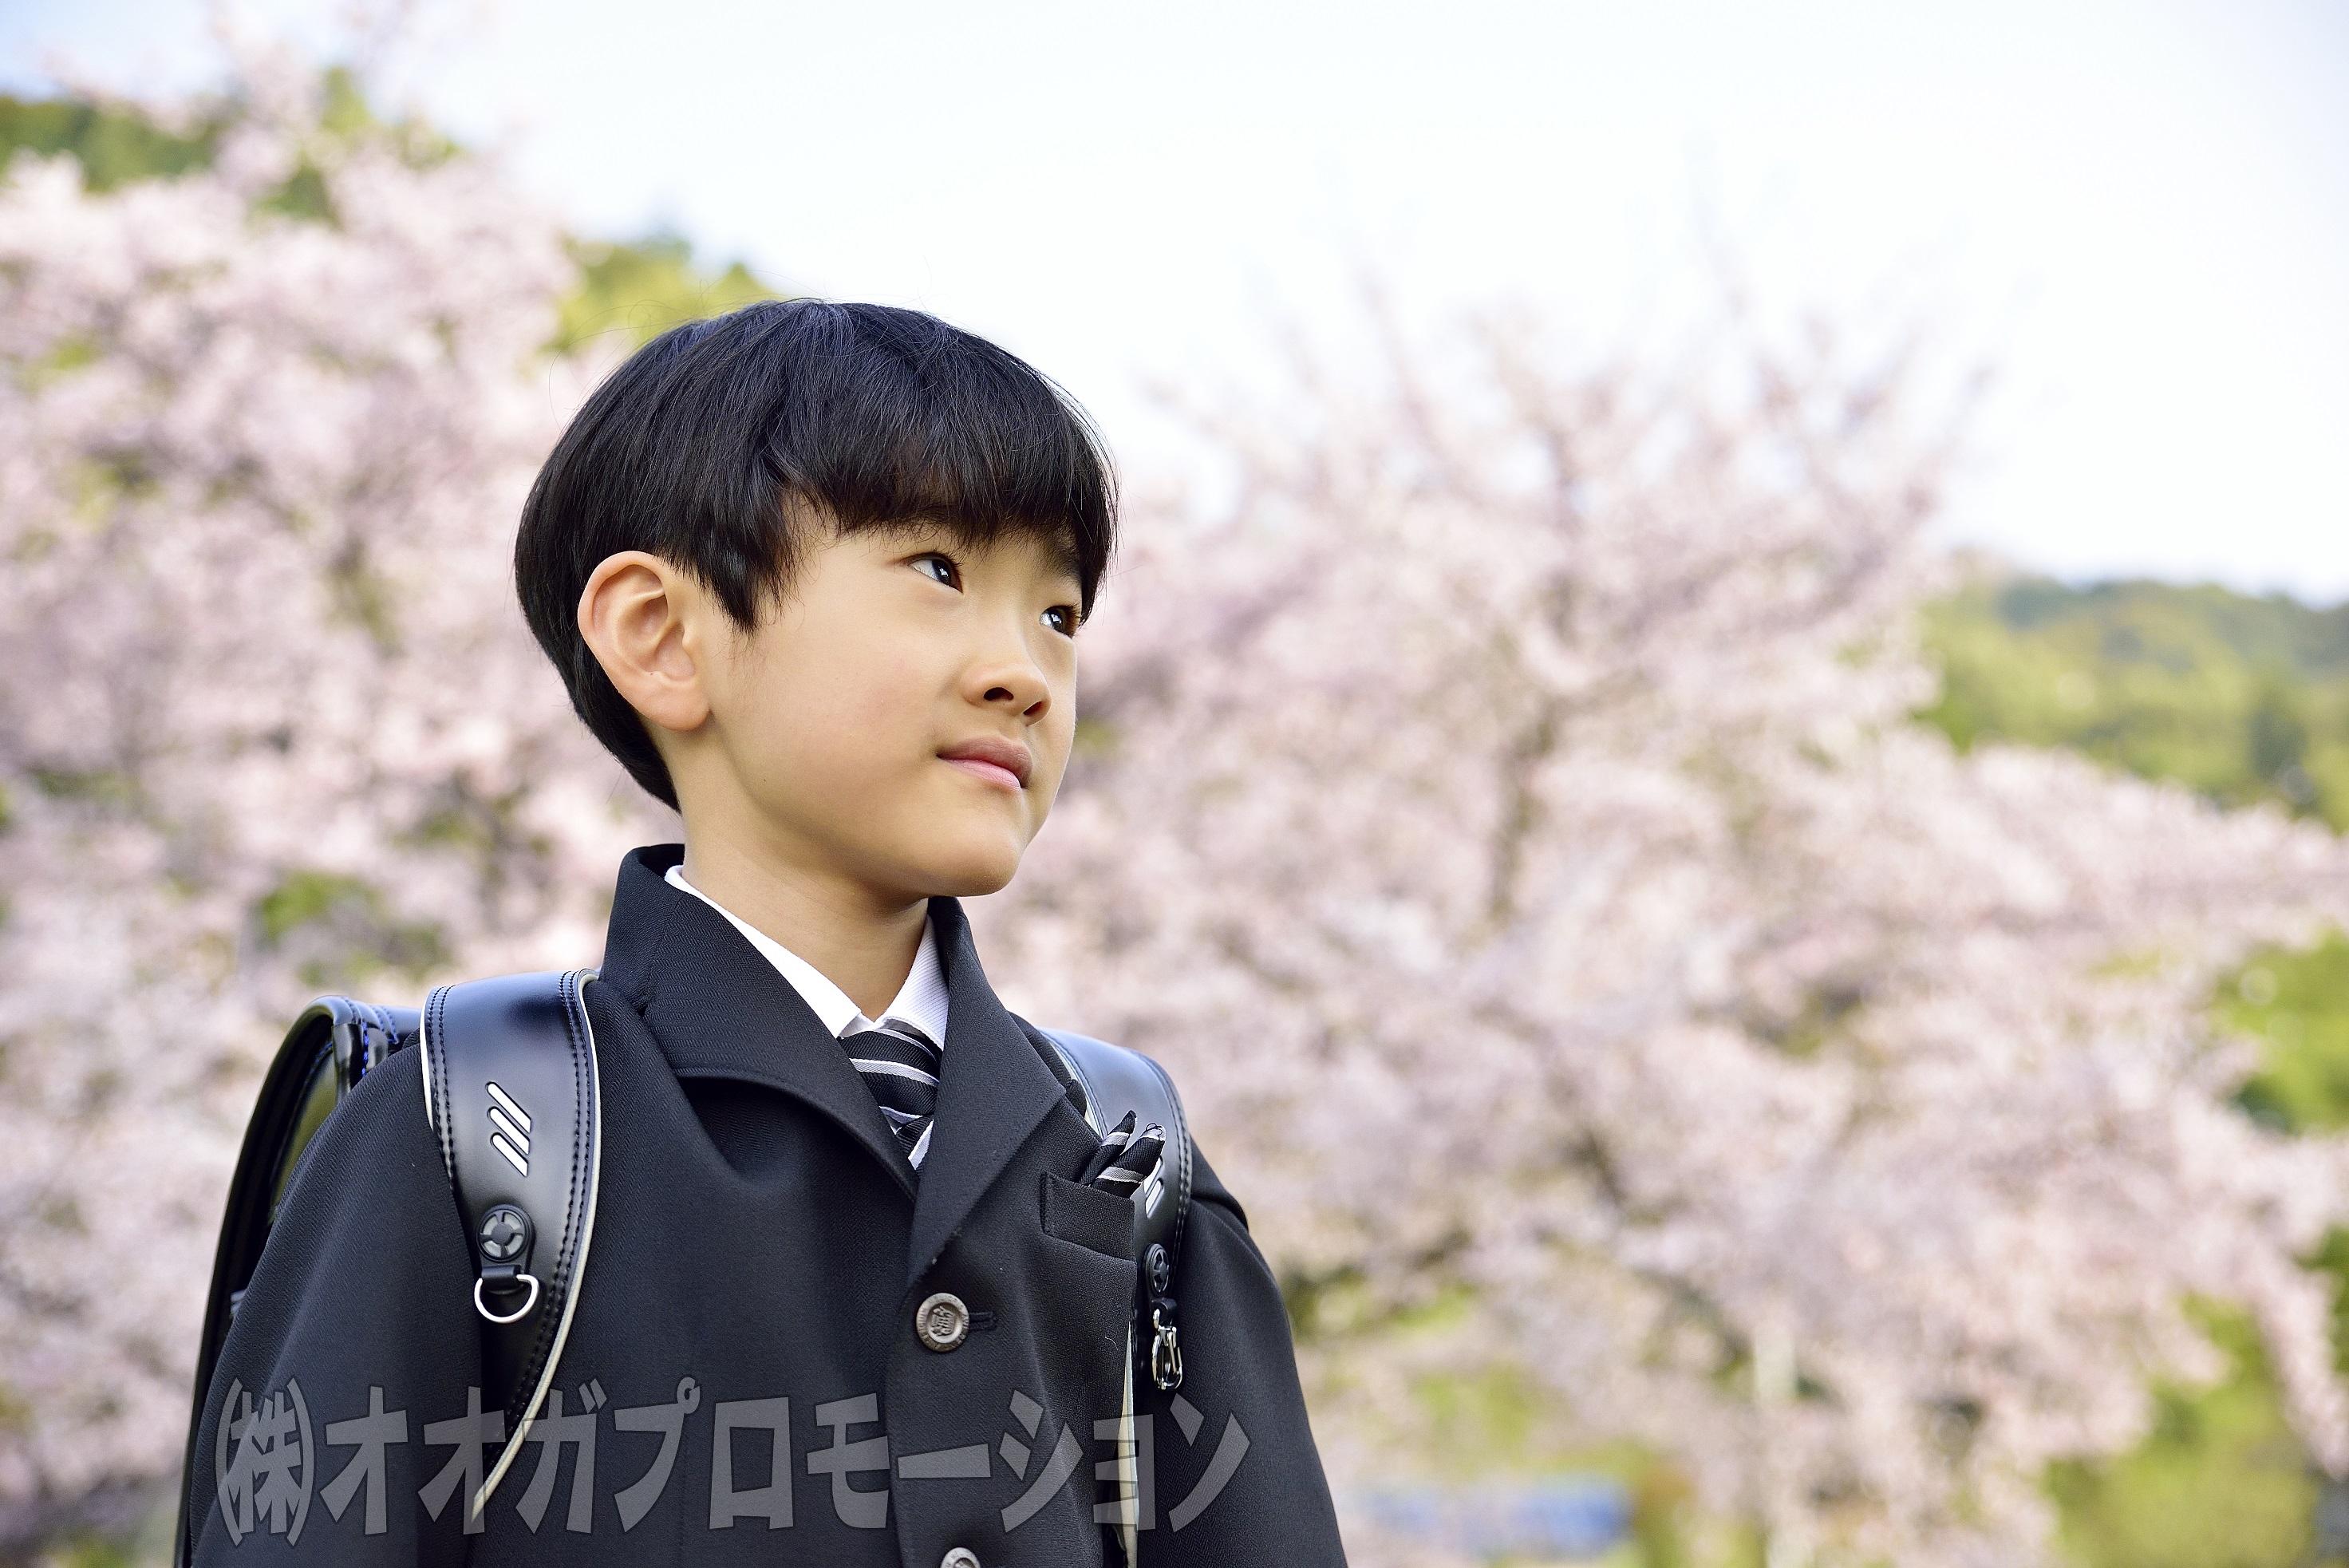 出張子供撮影~入学式の出張撮影~写真データもアルバム3冊も付いて35000円!